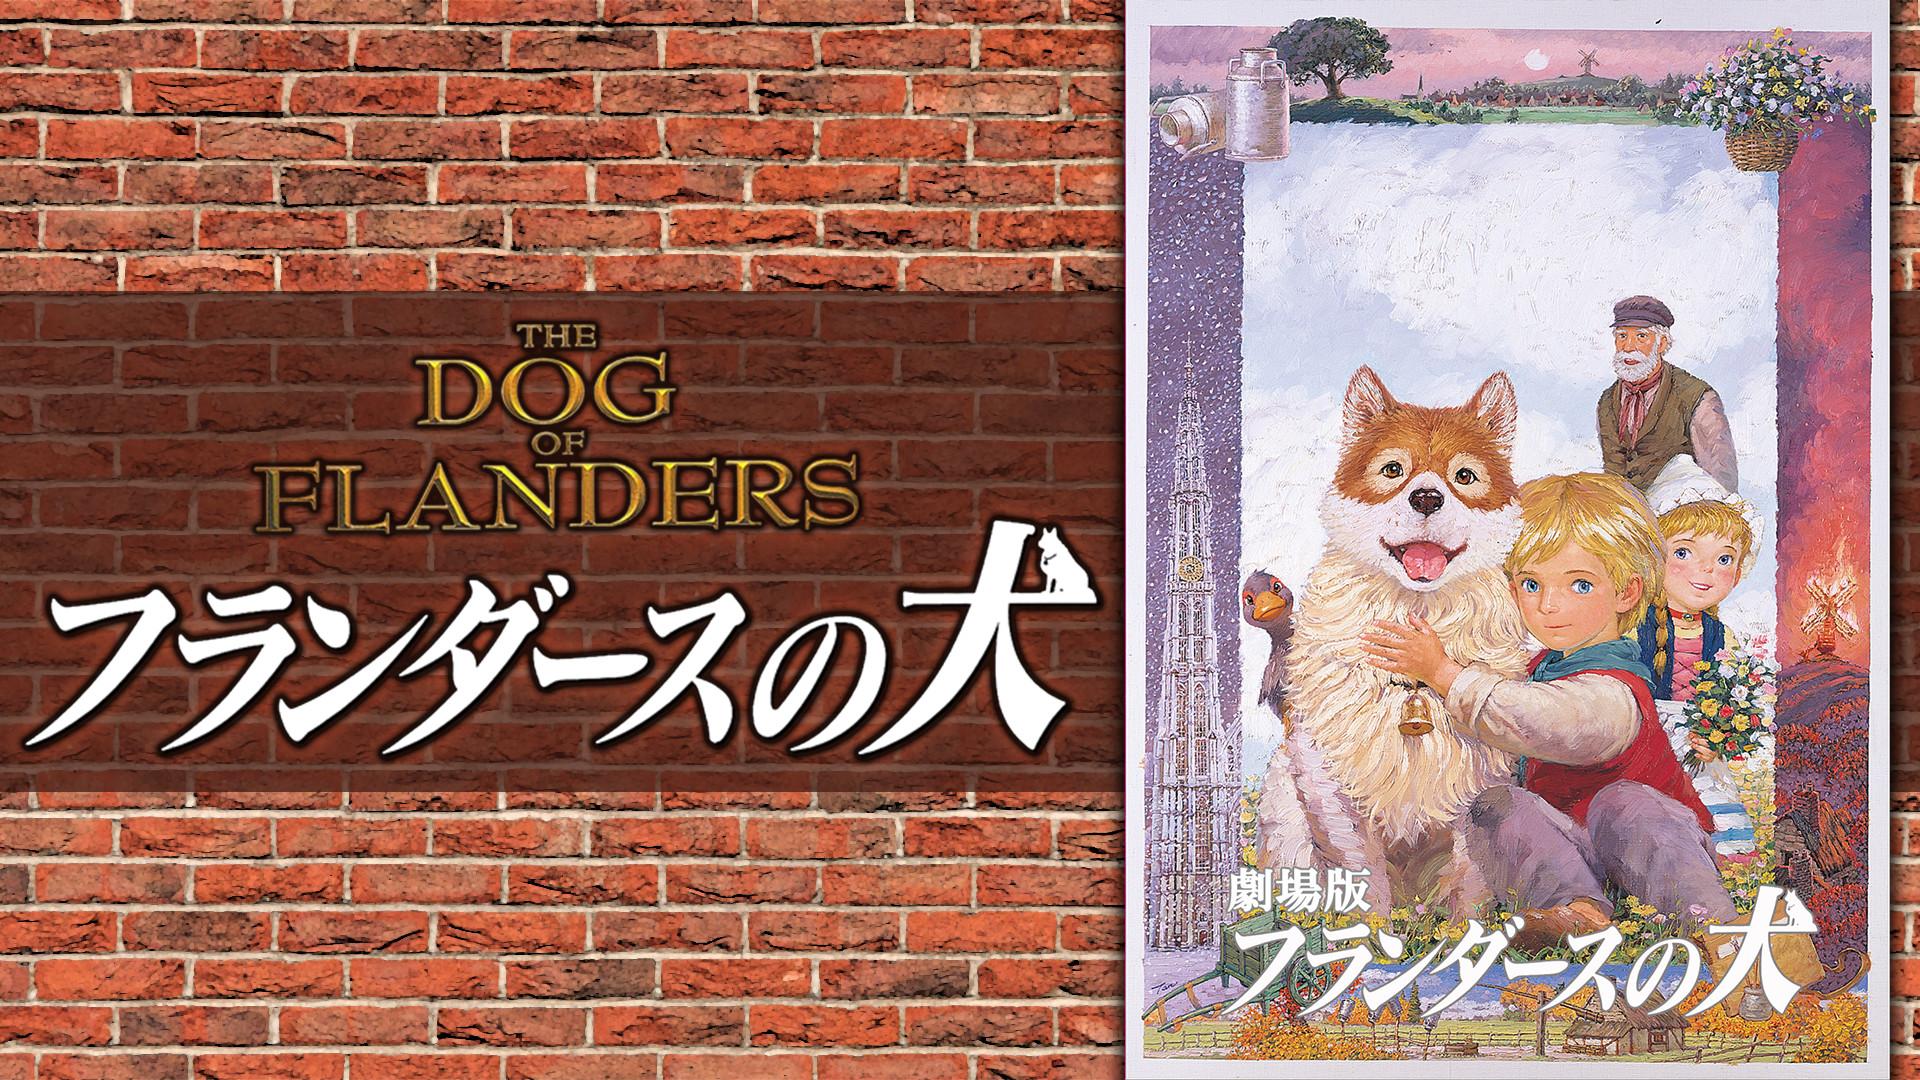 フランダースの犬 (アニメ)の画像 p1_16